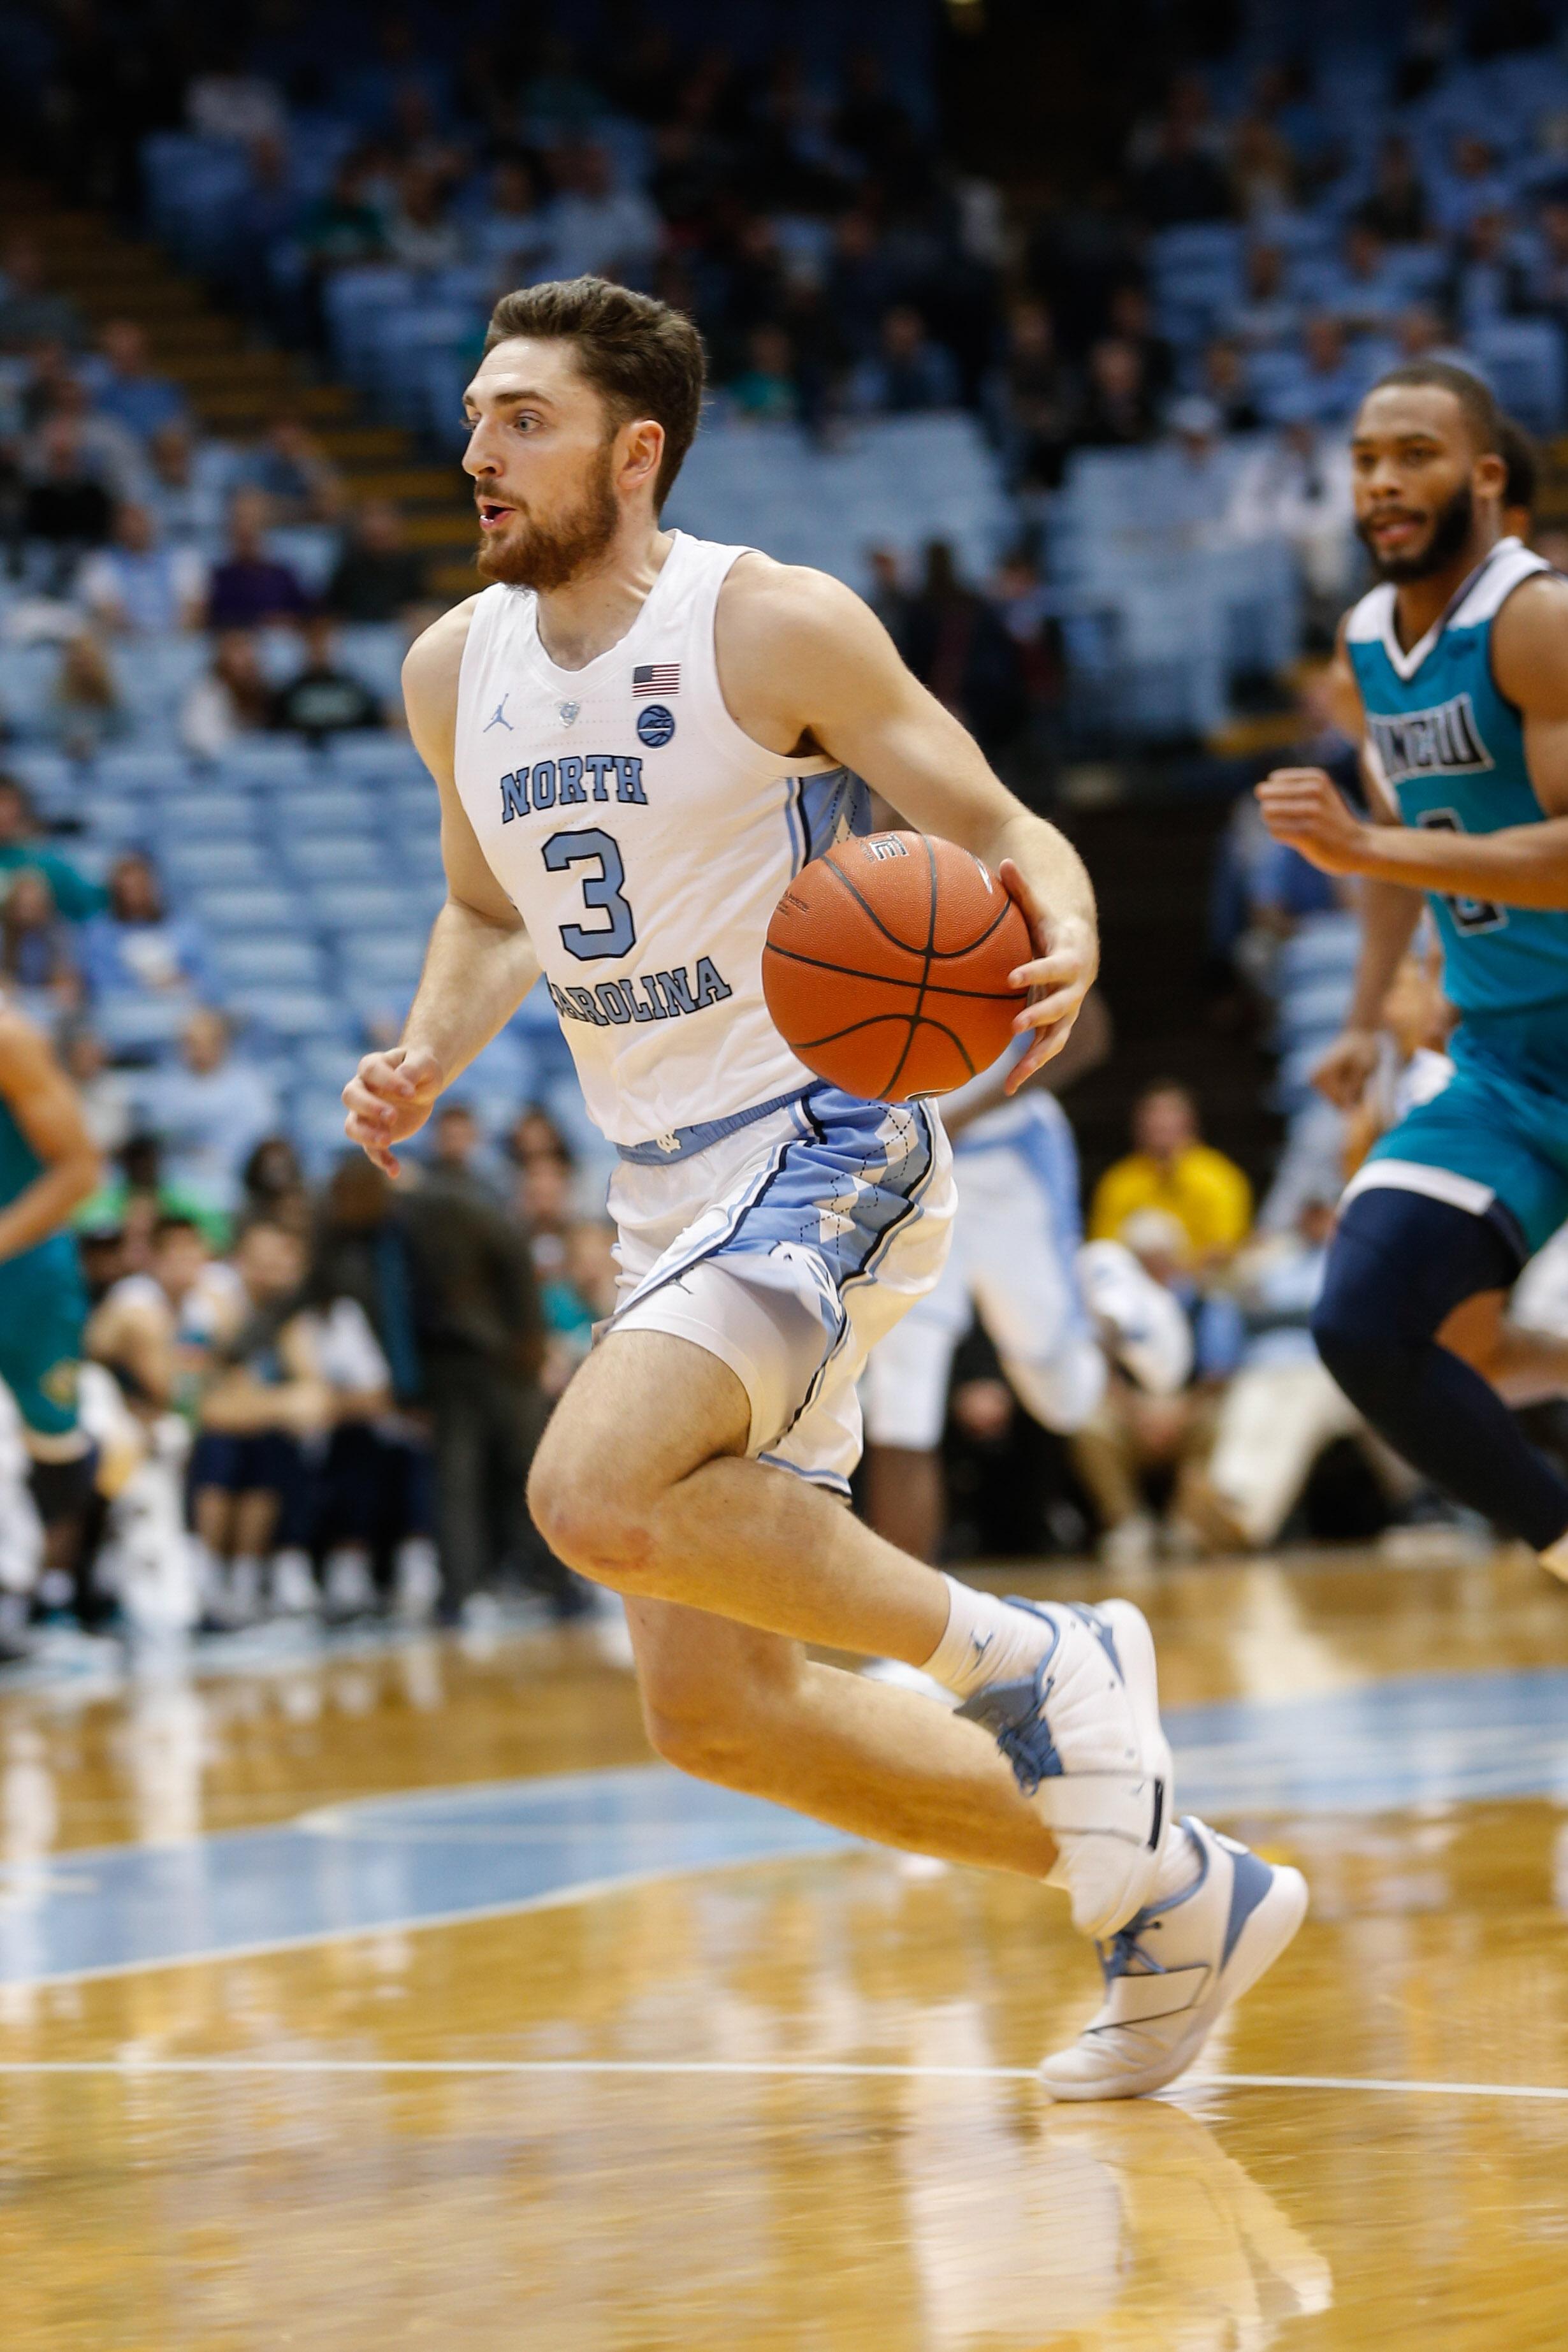 NCAA Basketball: NC-Wilmington at North Carolina